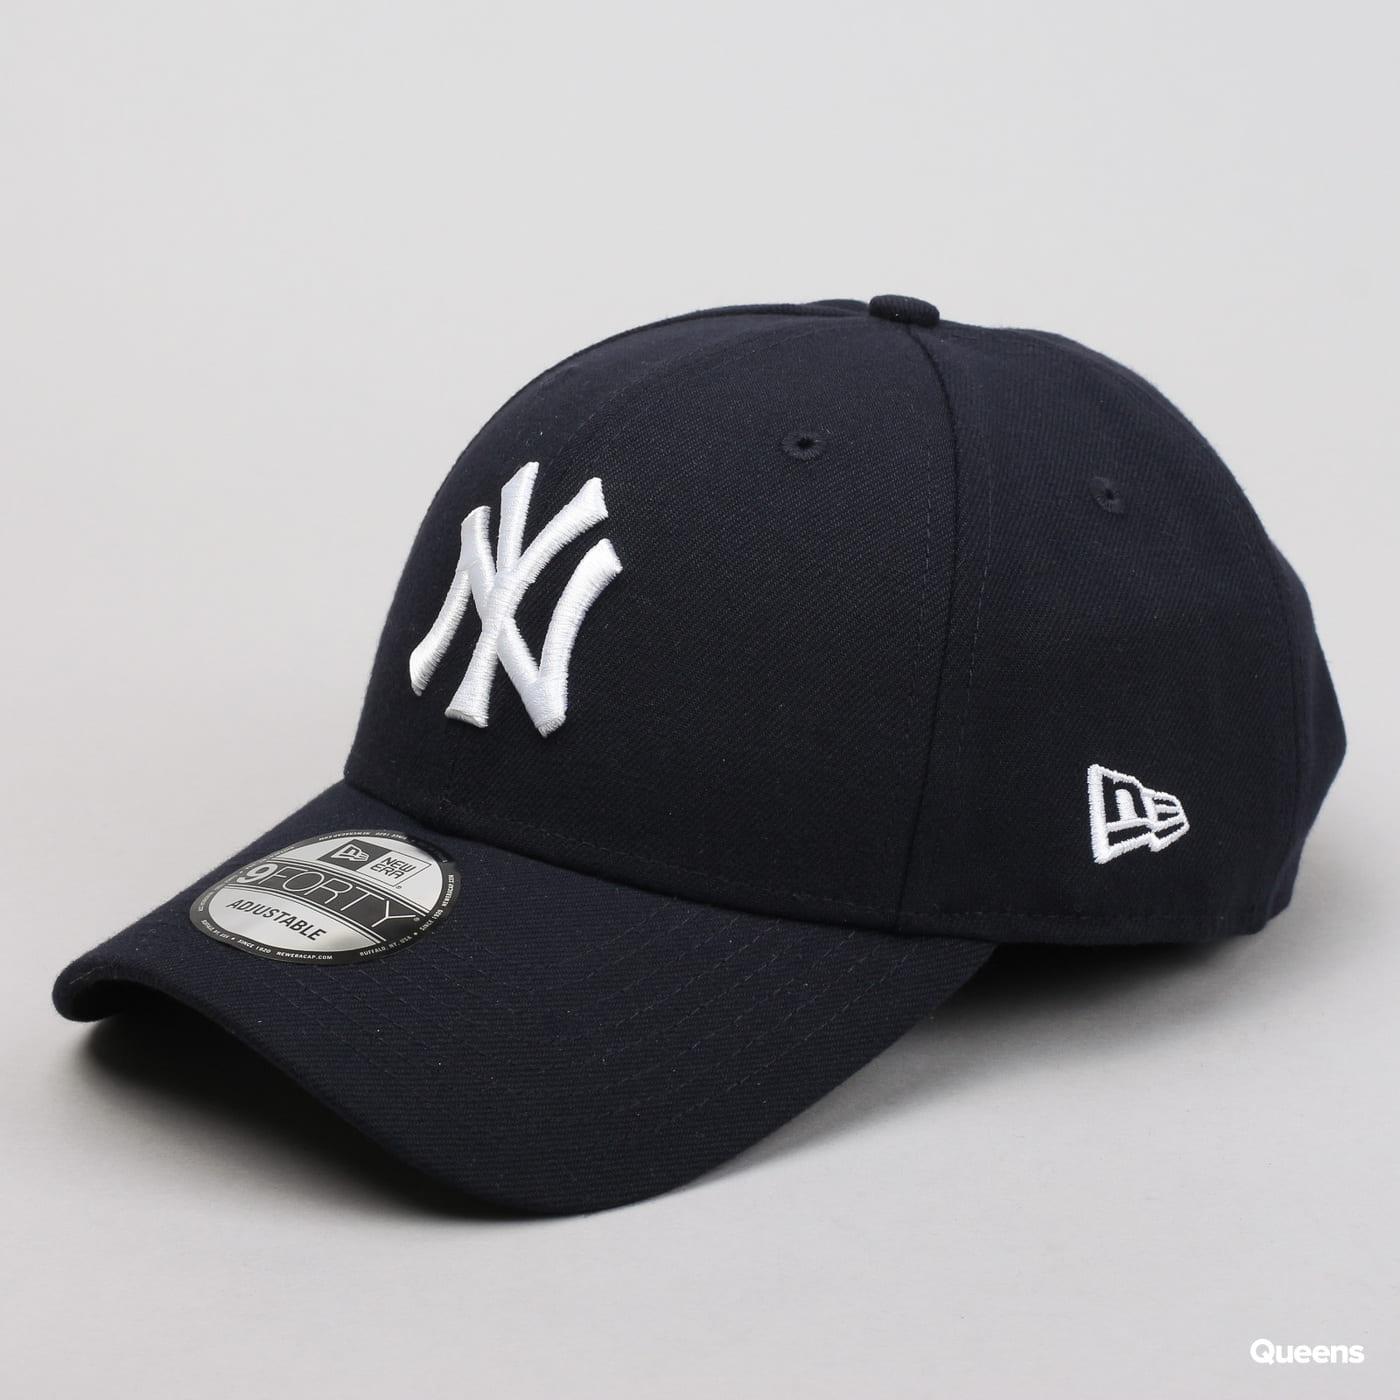 New Era 940 The League NY navy